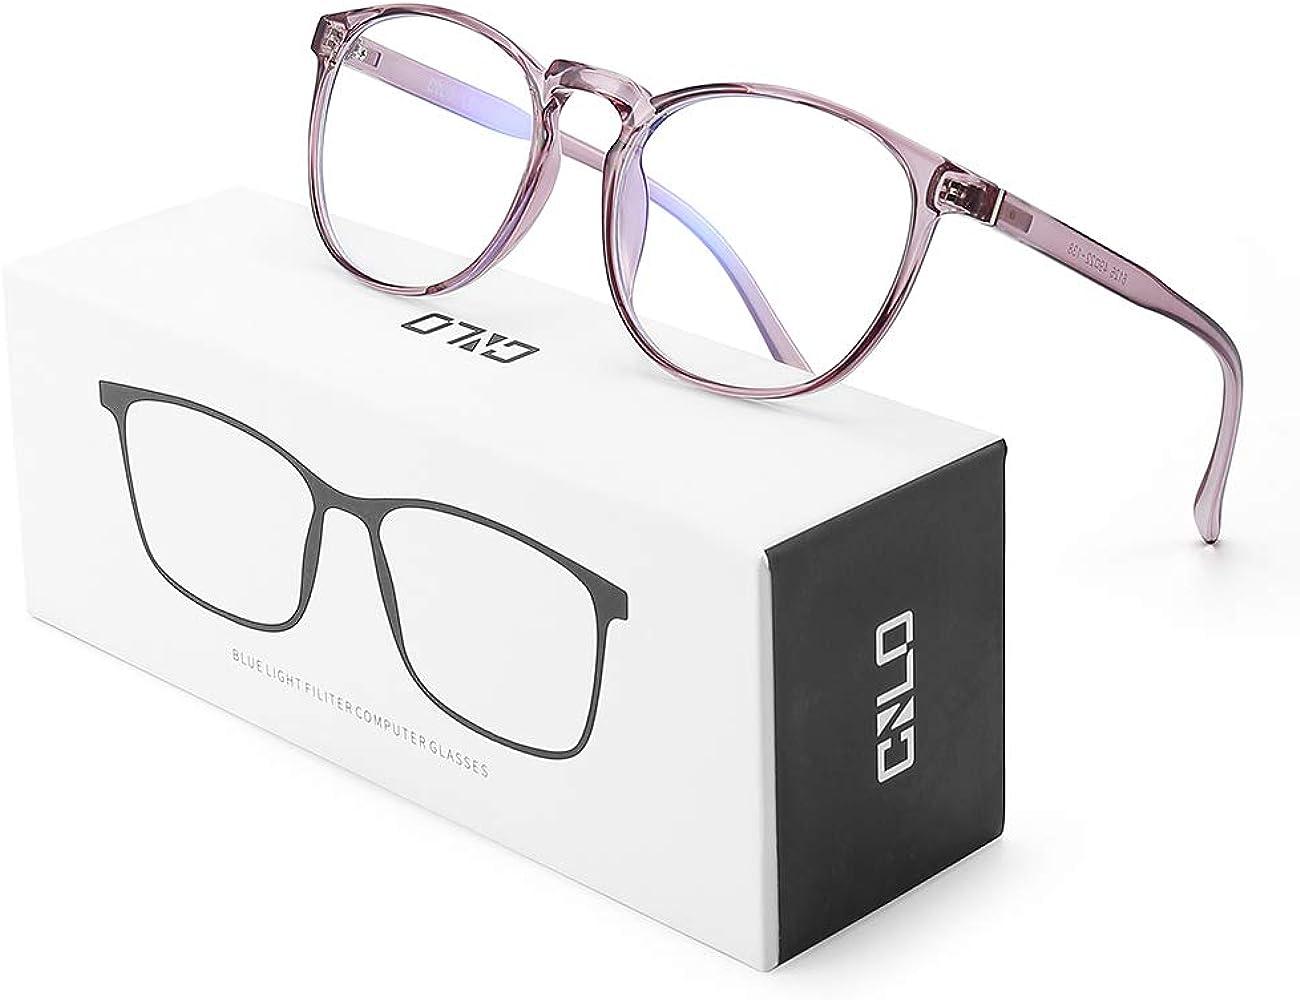 Gafas de bloqueo de luz azul CNLO, gafas de ordenador, antifatiga visual, gafas de marco ligero, hombres/mujeres